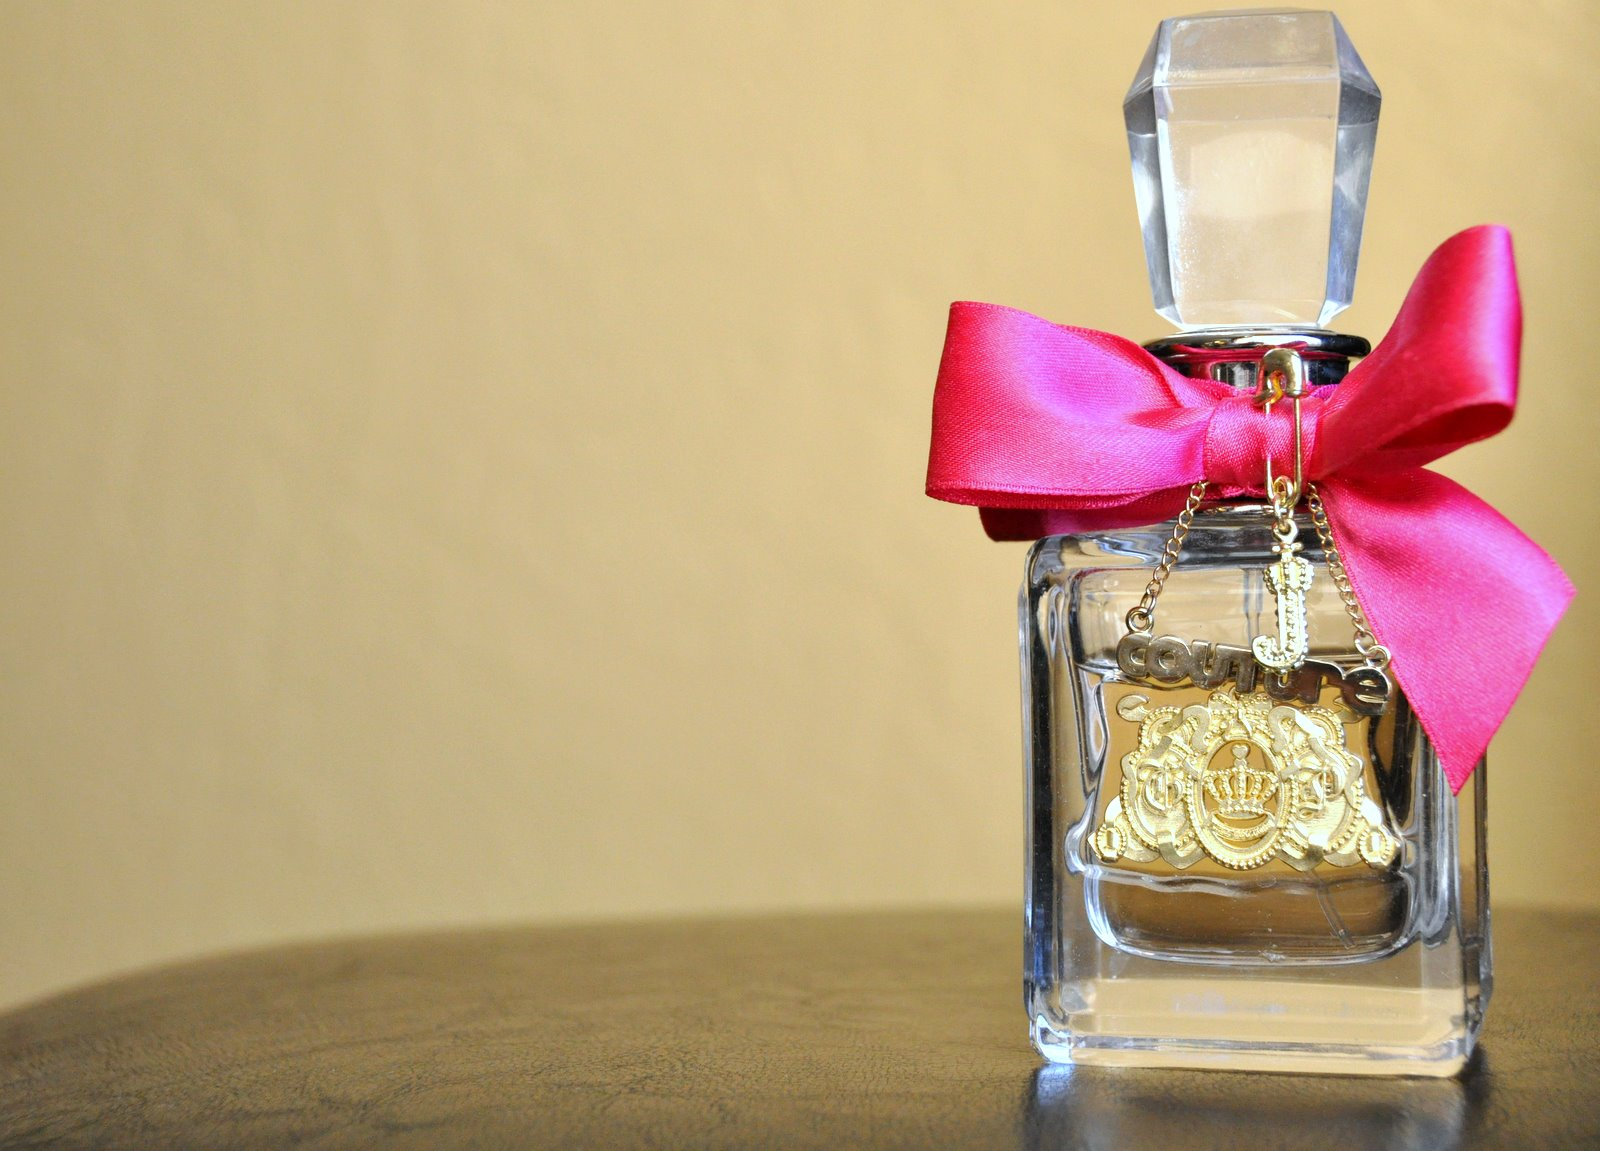 Поздравление на подарок парфюм женщине